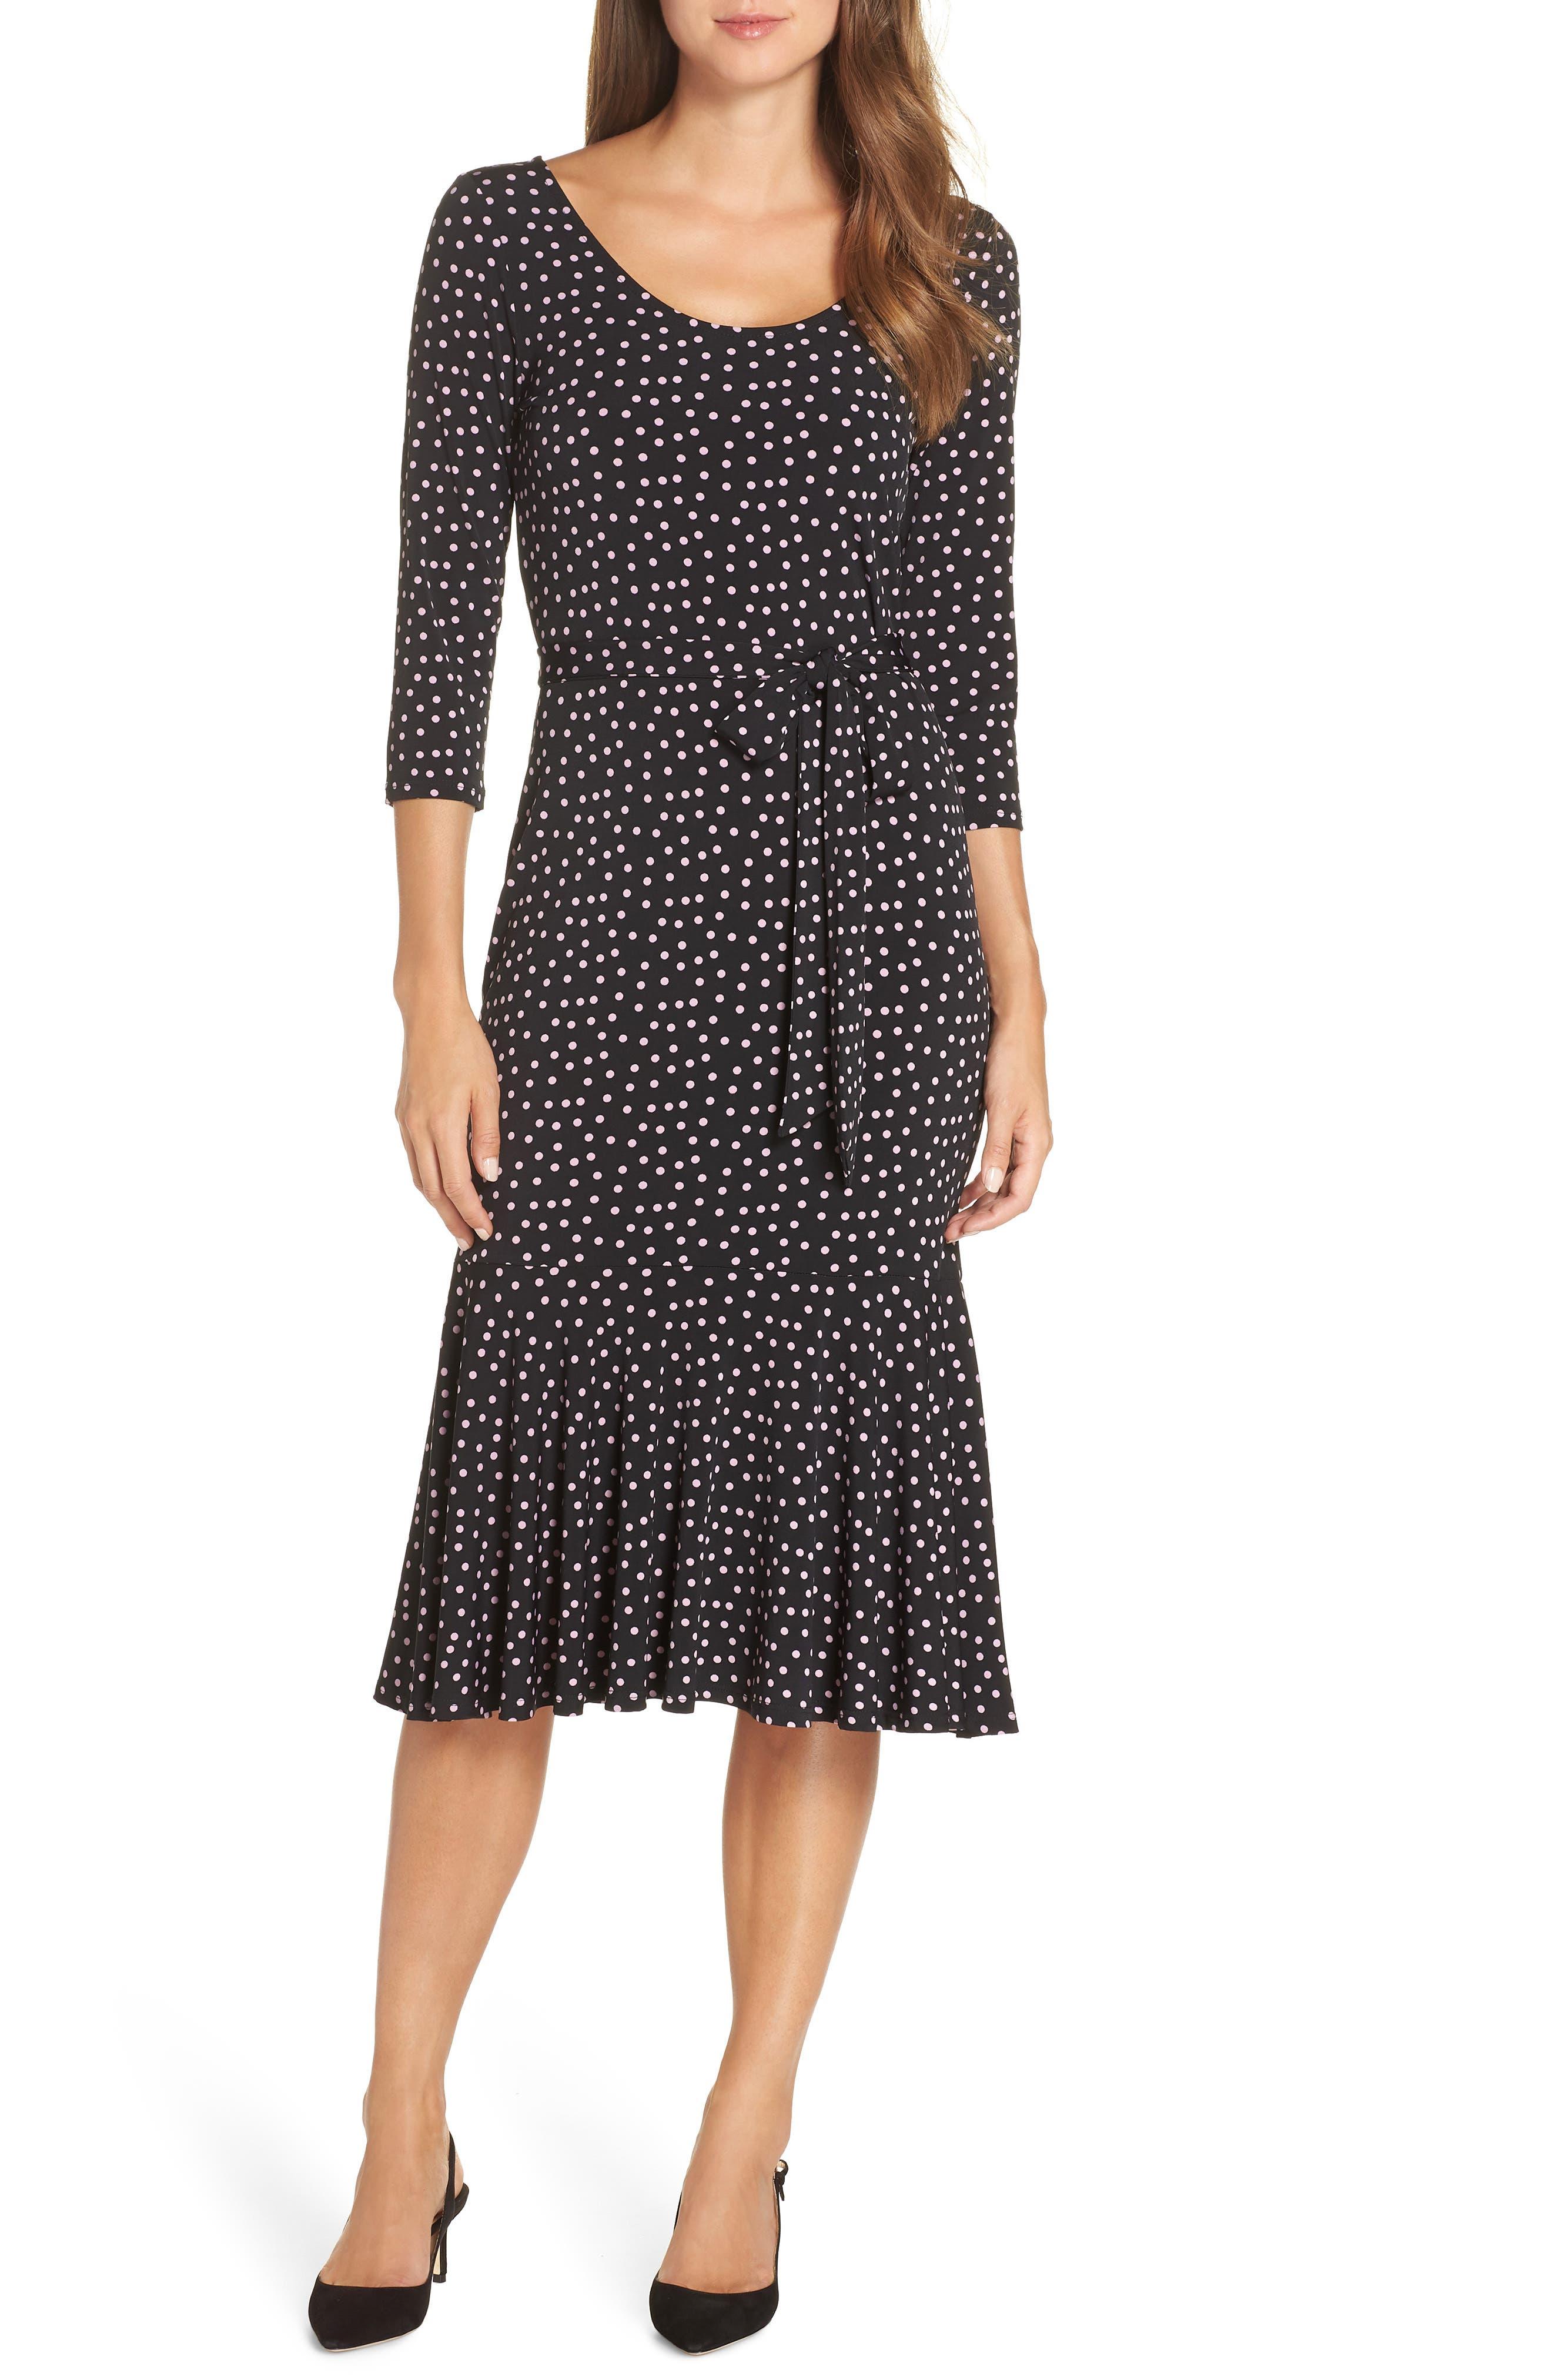 Leota Sadie Midi Dress, Black